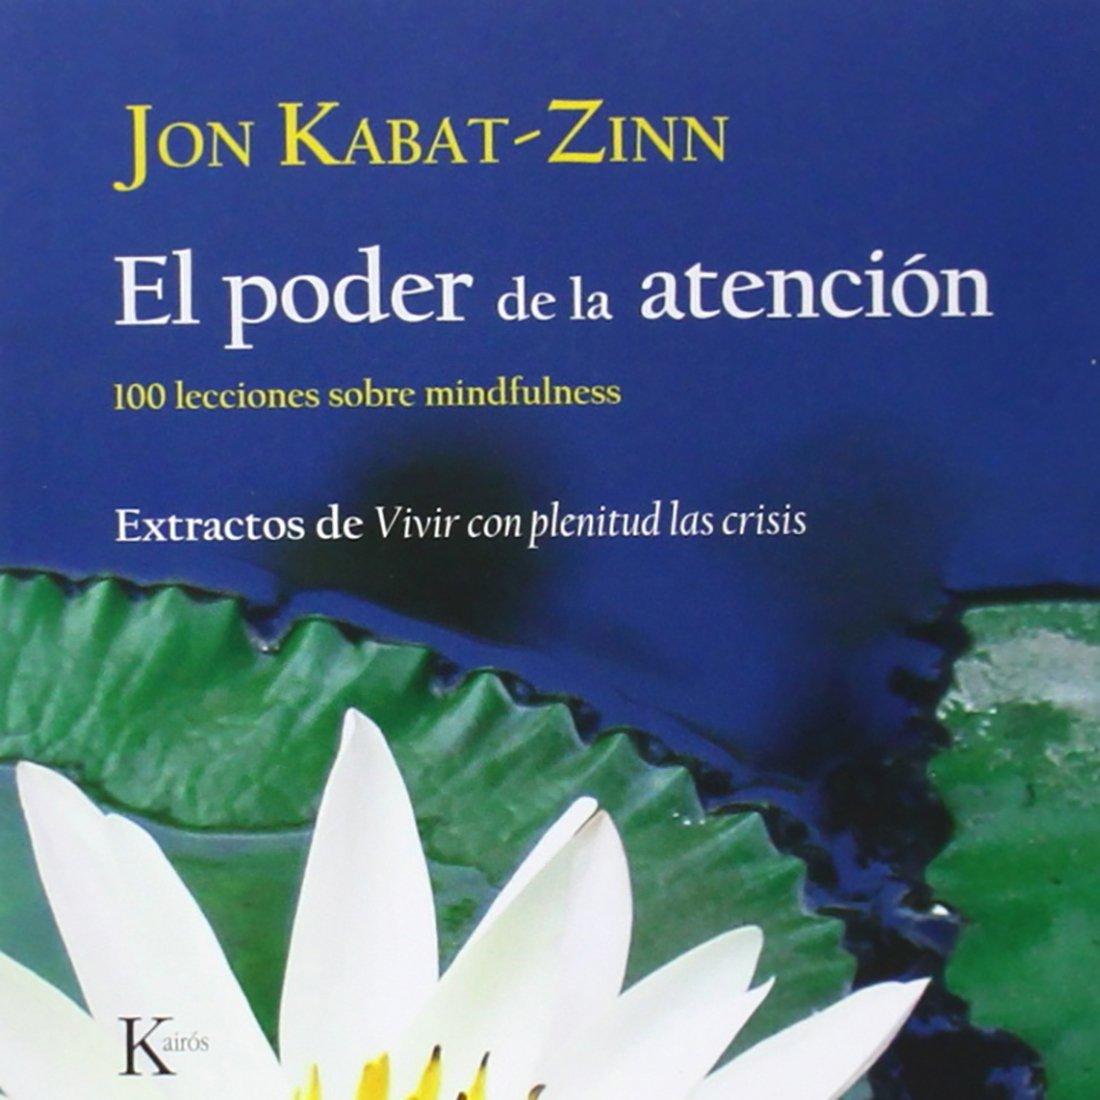 Download El poder de la atención: 100 lecciones sobre mindfulness: Extractos de Vivir con plenitud las crisis (Spanish Edition) PDF